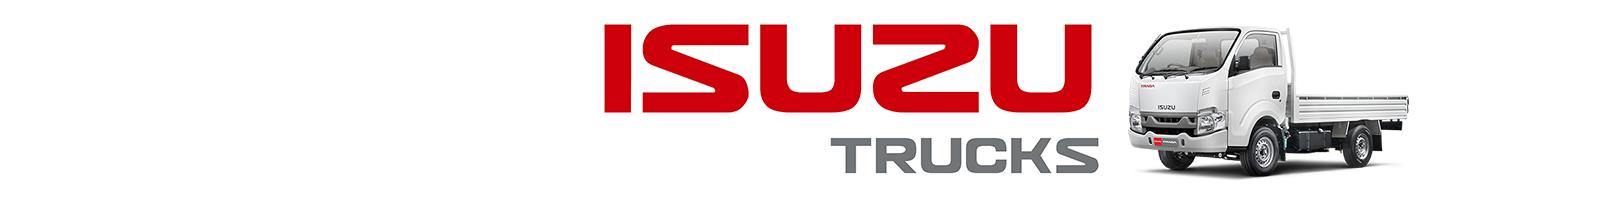 Harga Truk Isuzu : Truk Isuzu | Panther | Dmax | Mux | Elf | Traga | Giga | Promo Isuzu Truk Terbaru